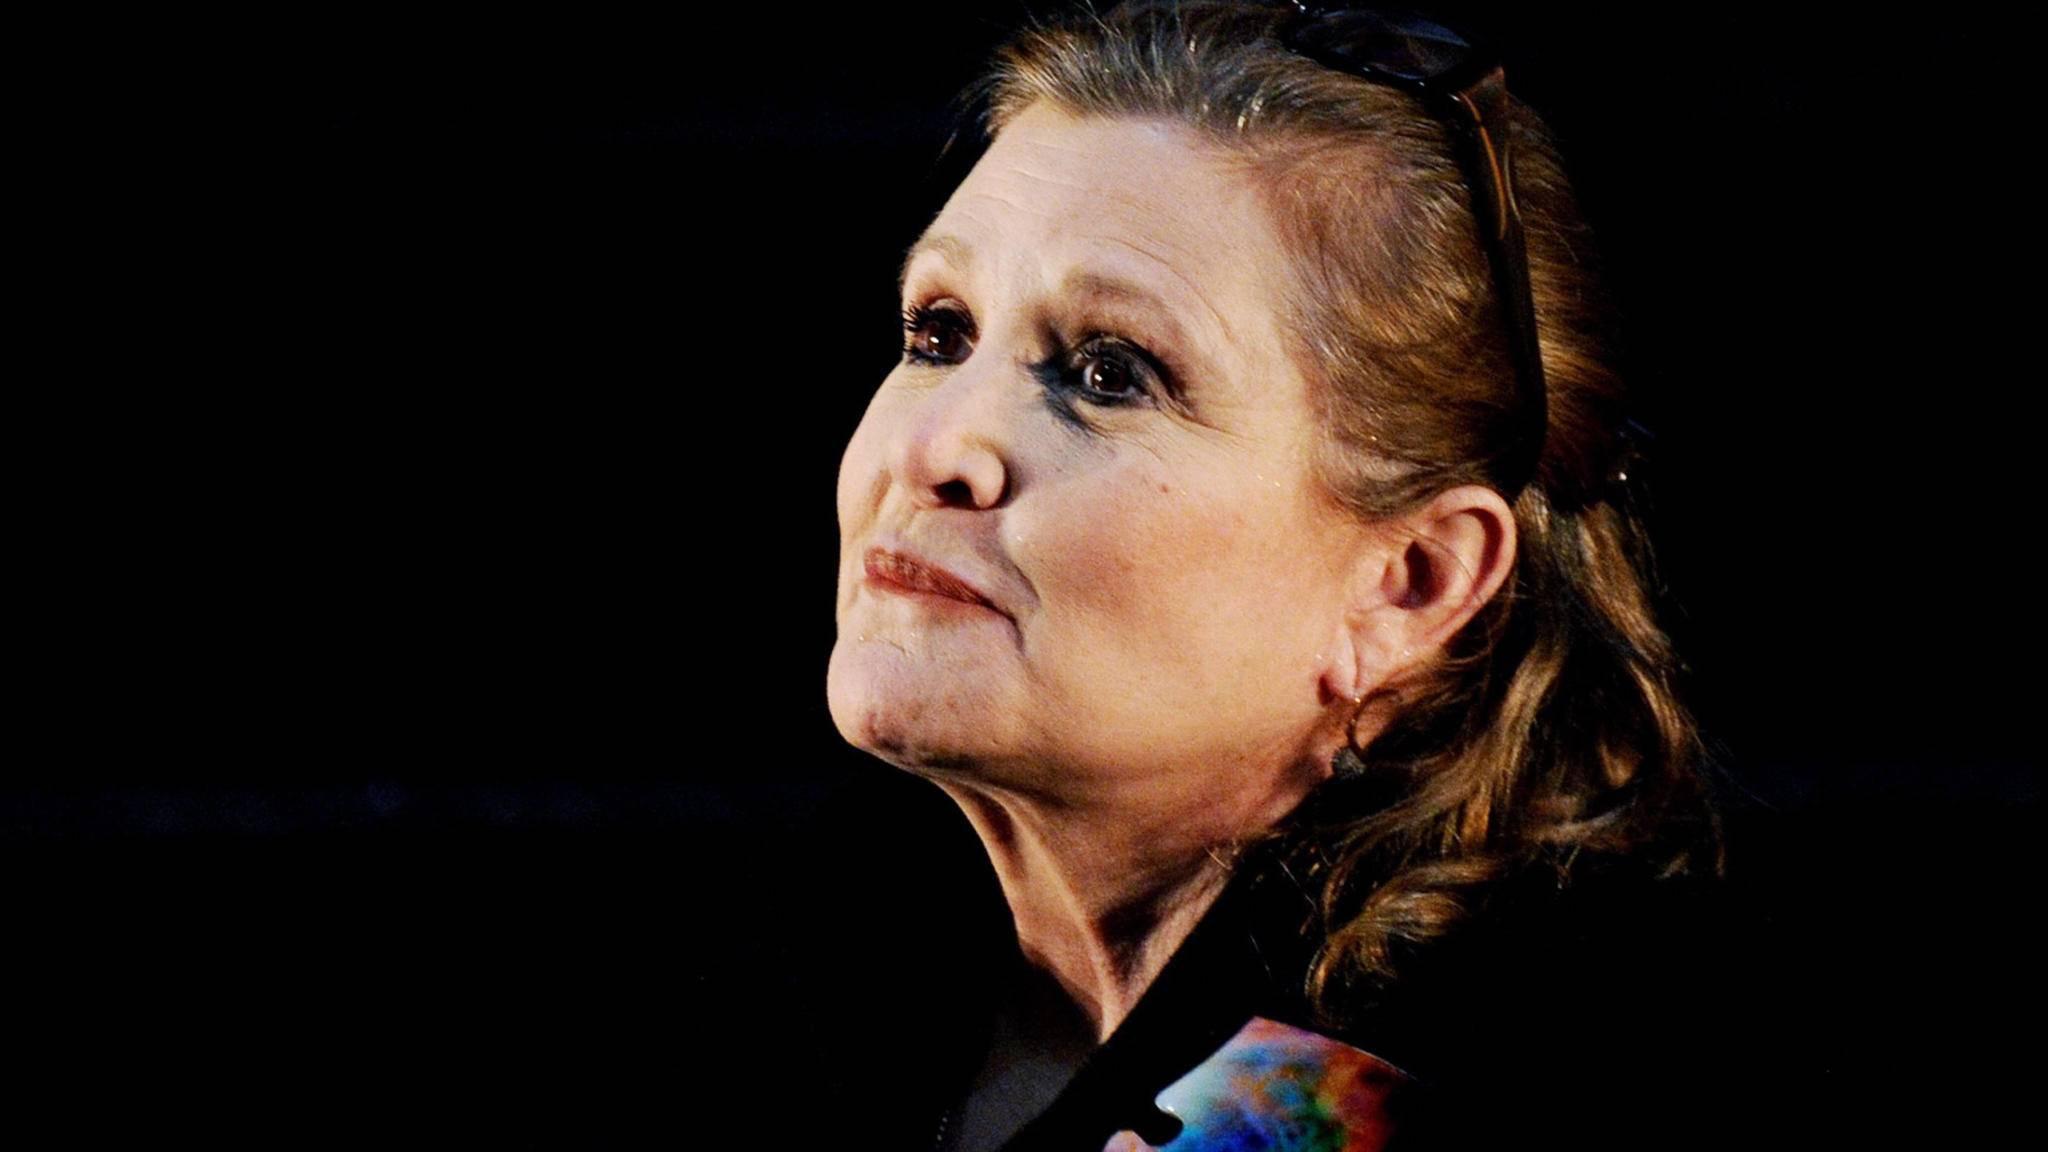 """Tragischer Tod von Carrie Fisher: Kann """"Star Wars"""" ohne sie funktionieren?"""